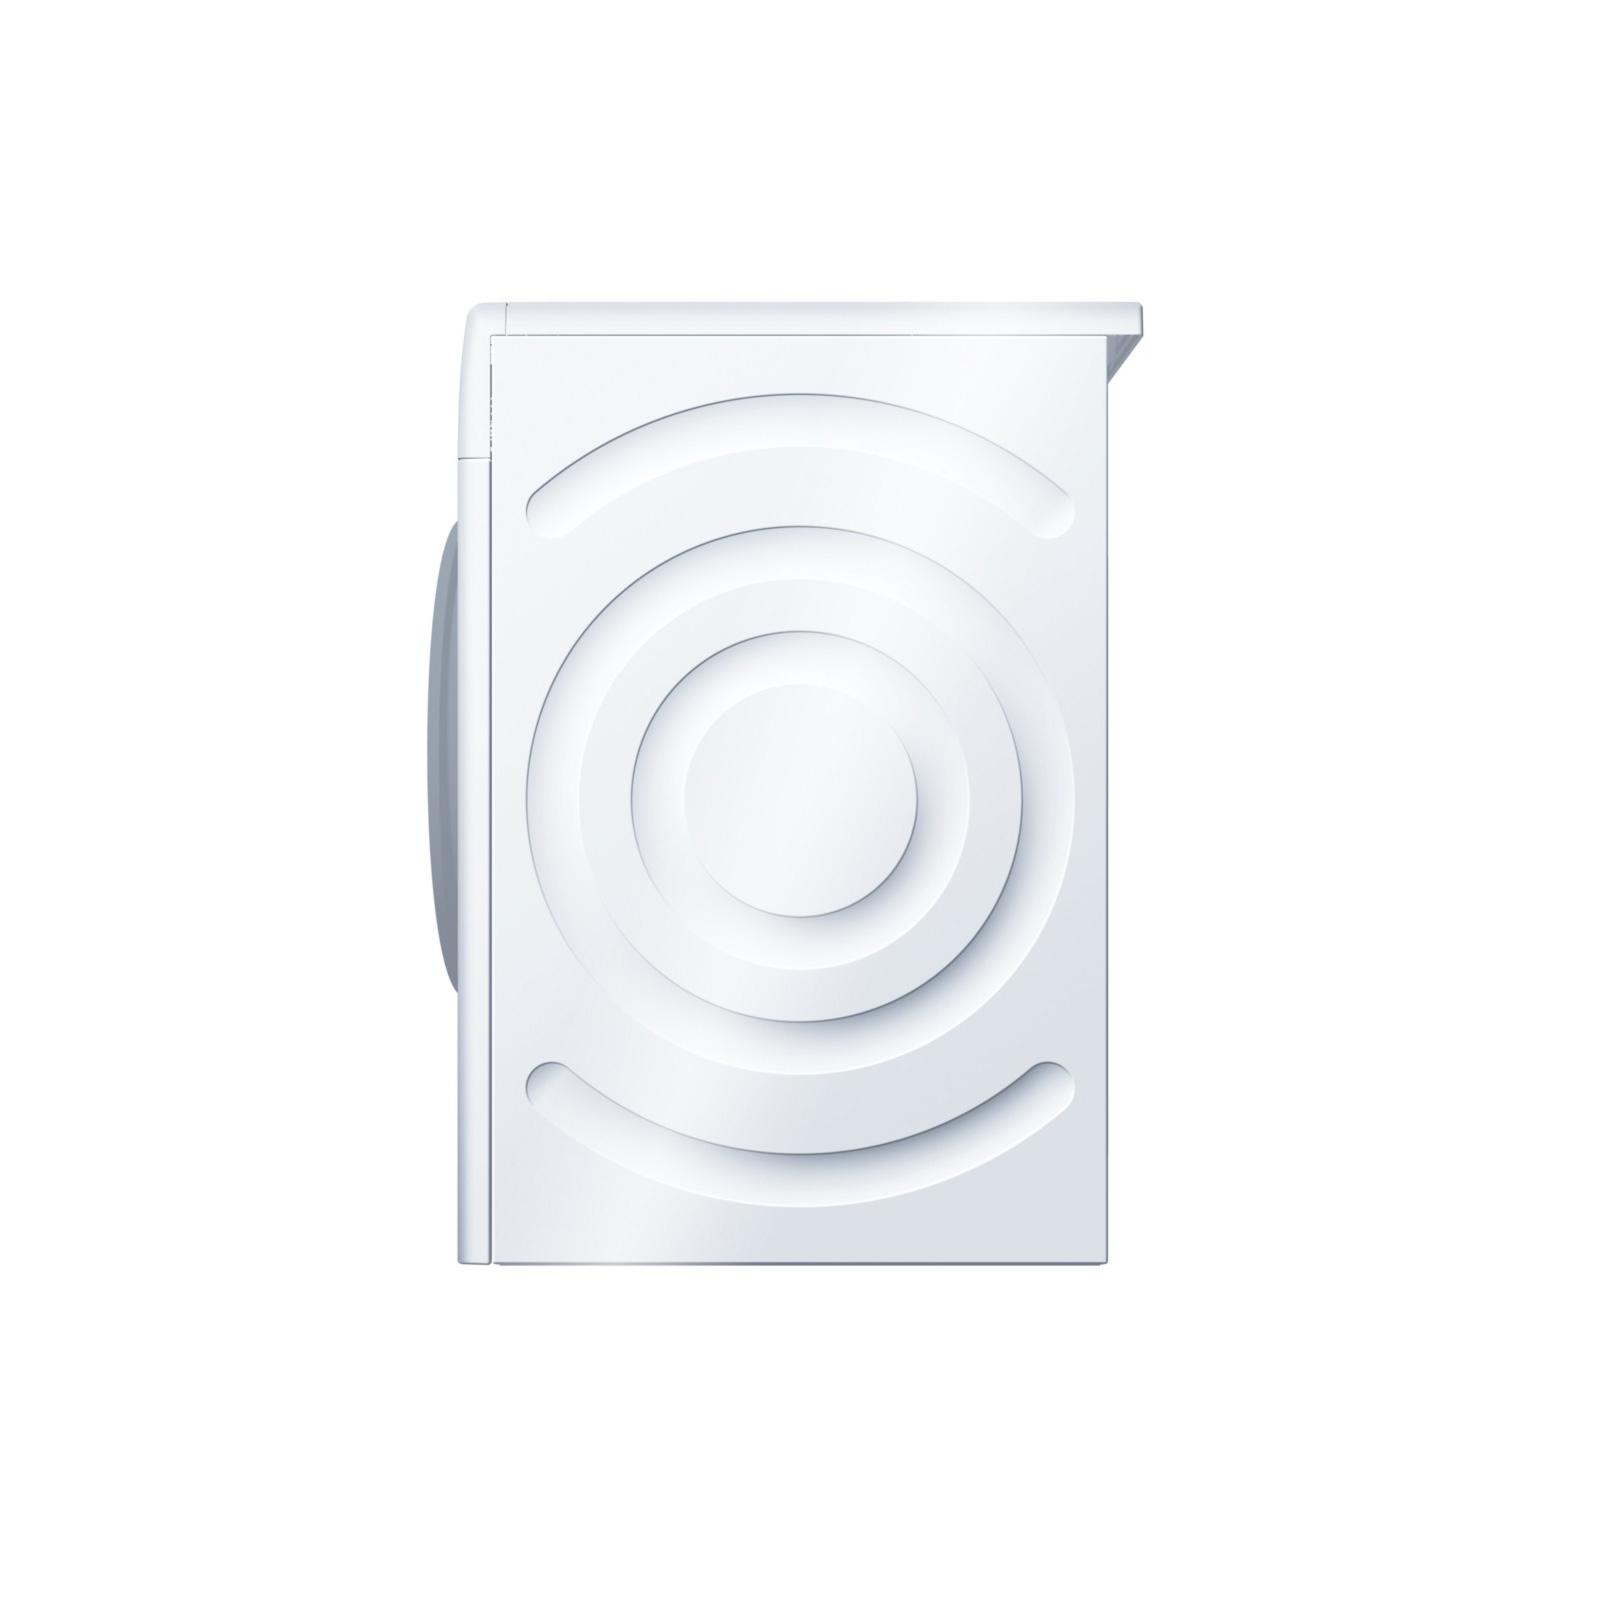 Сушильная машина Bosch WTH83001ME изображение 2